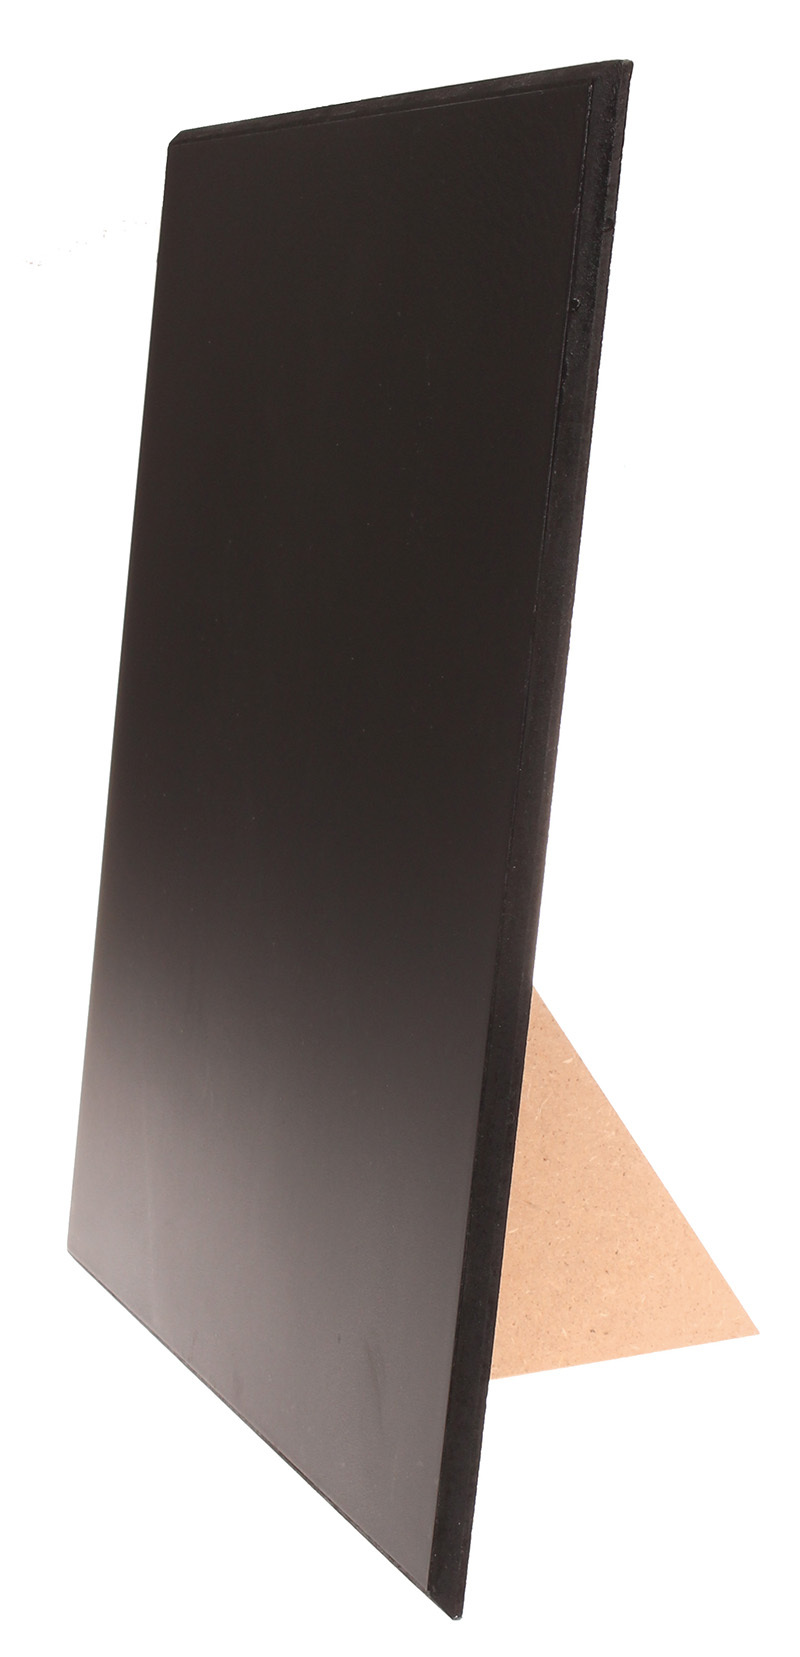 Магнитная доска 30 x 30 см черная